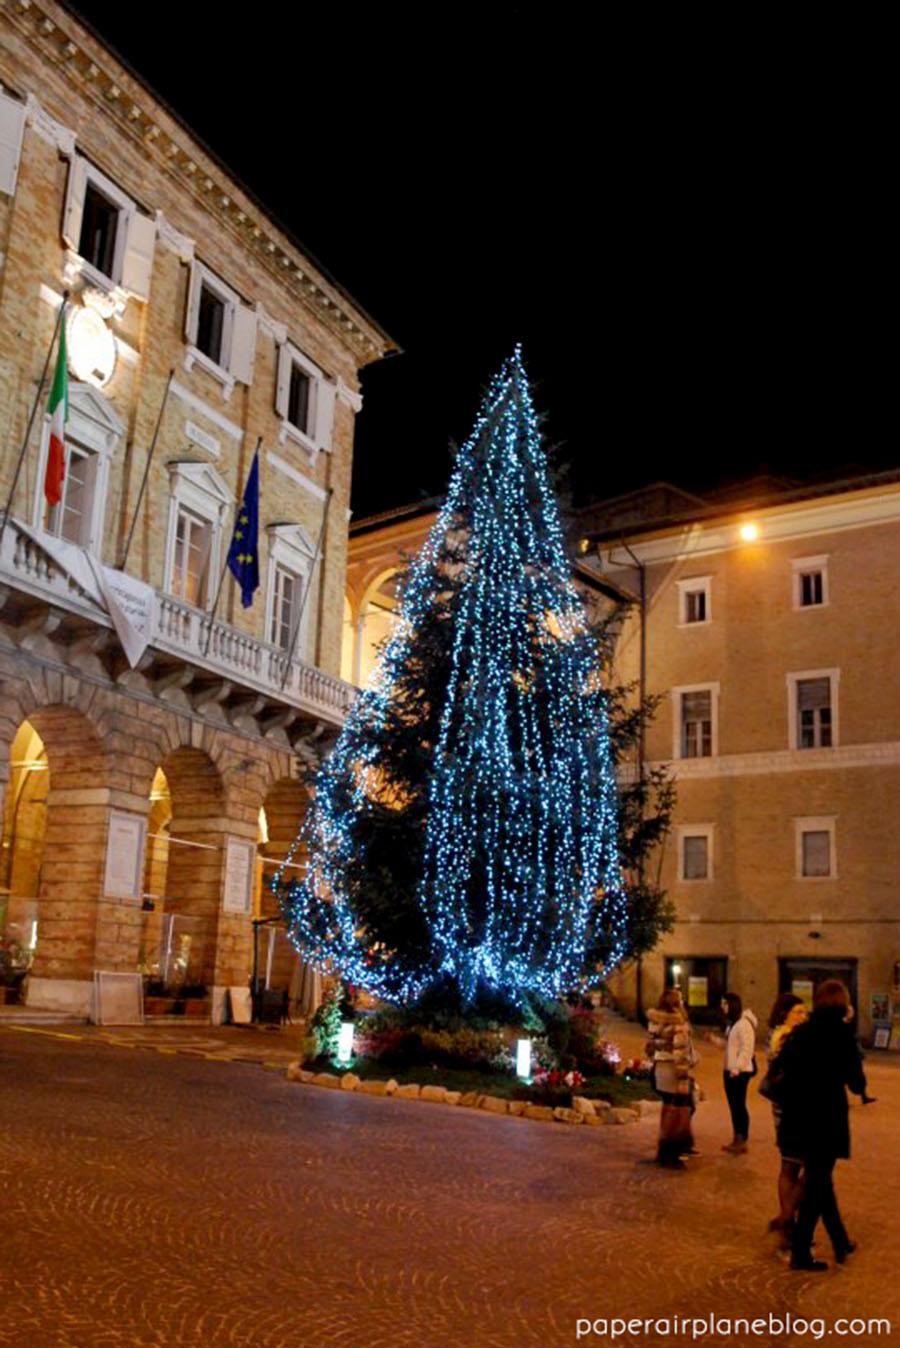 The Christmas tree in Piazza della Libertà. (2011)